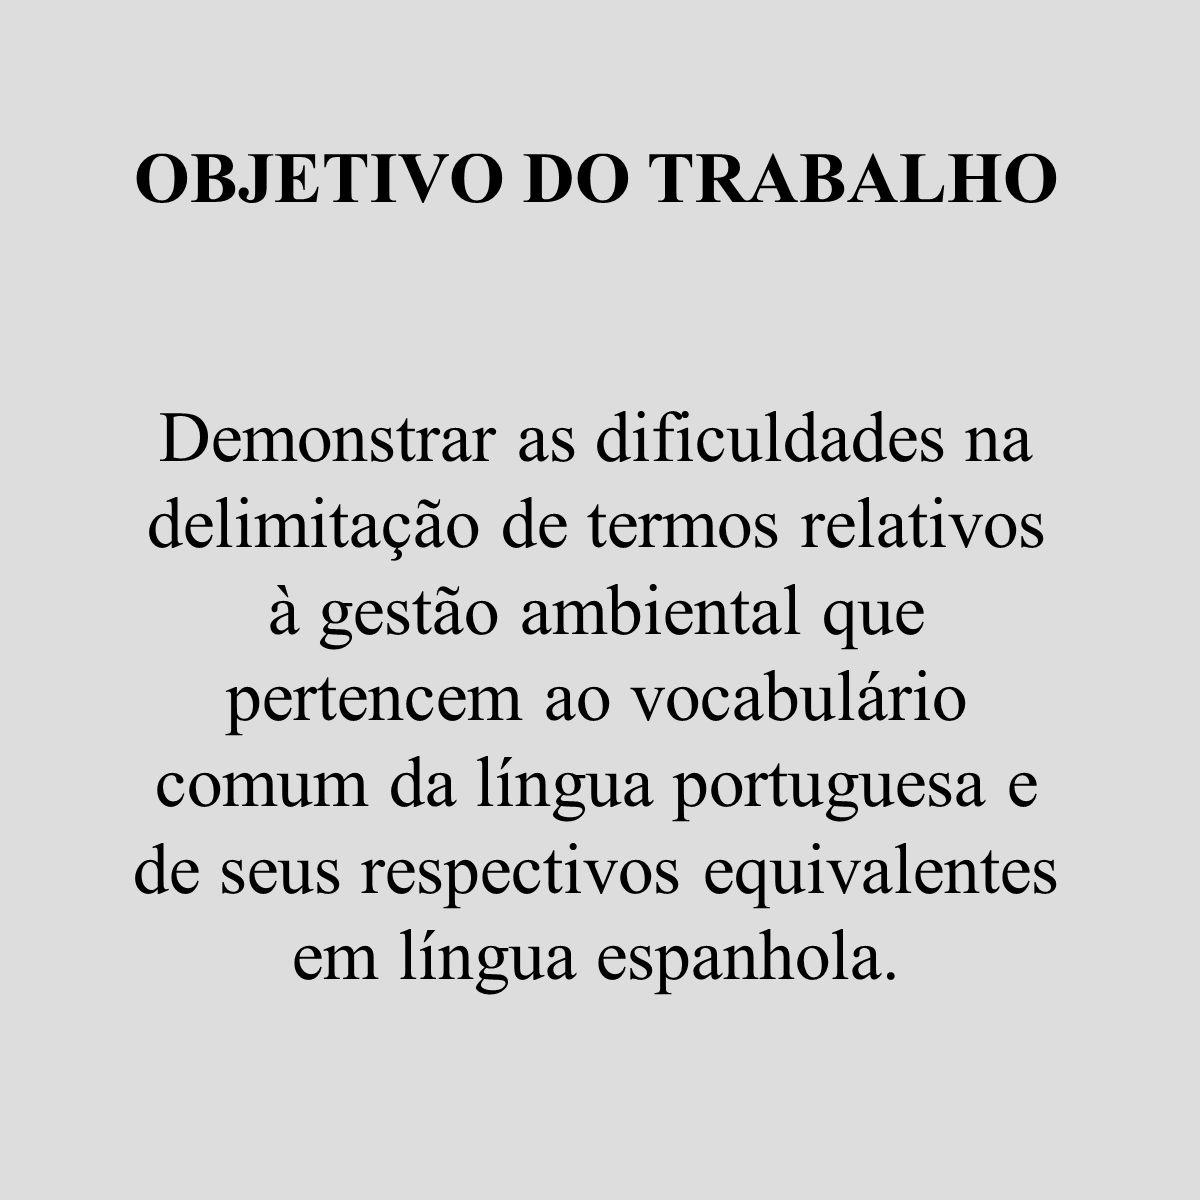 OBJETIVO DO TRABALHO